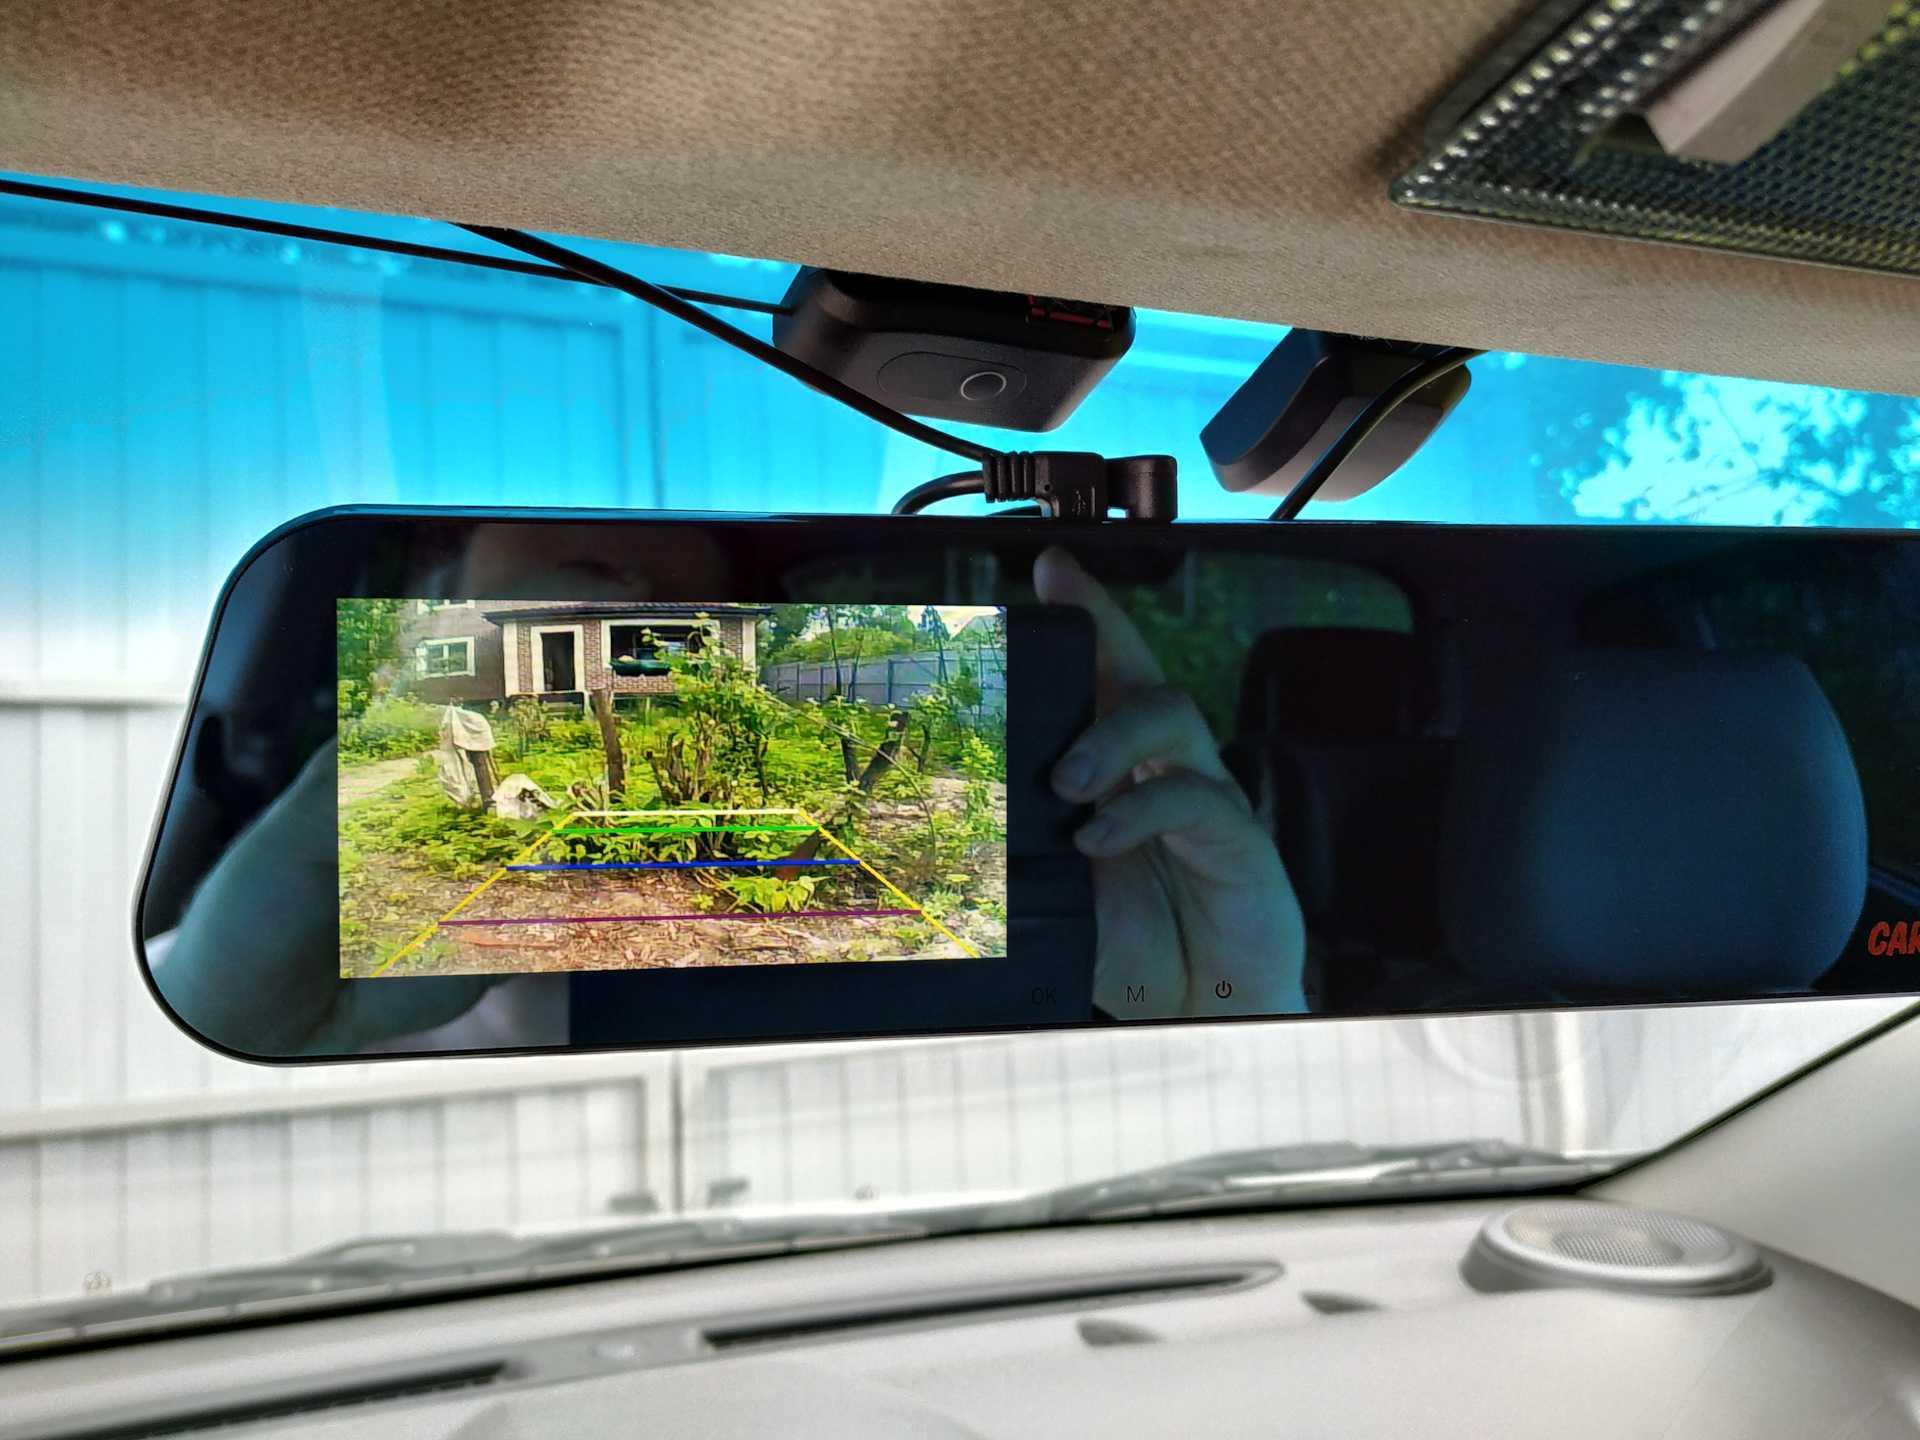 В продаже появился новый долгожданный видеорегистратор серии JADO D350S Речь идет о бюджетной модели стоимость которой варьируется от 60 до 100 долларов в зависимости